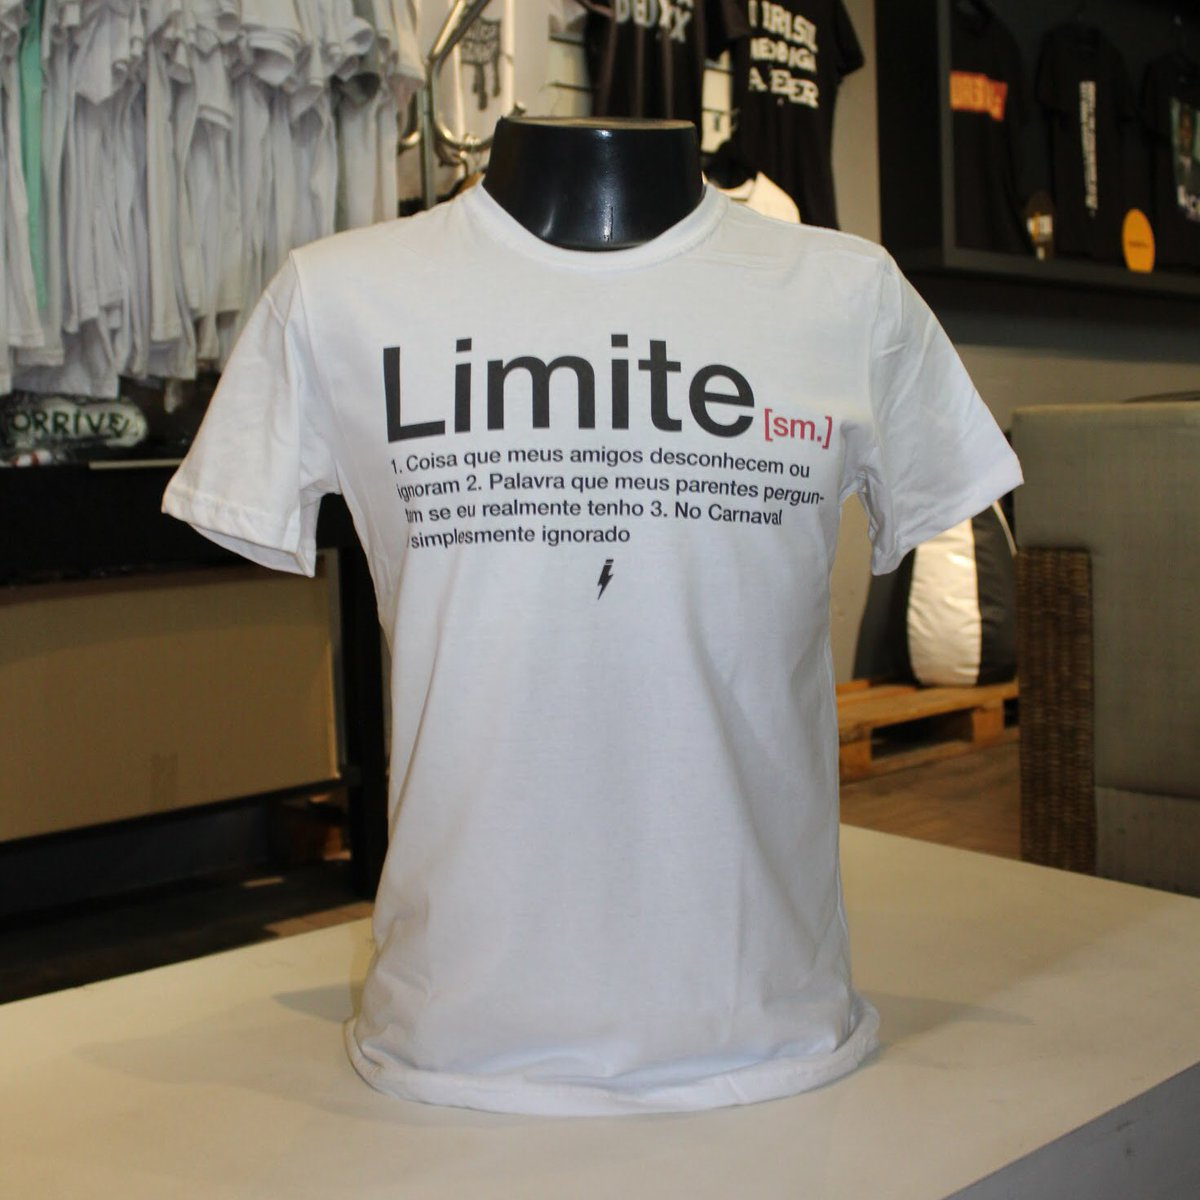 Mitou Camisetas ⚡ on Twitter